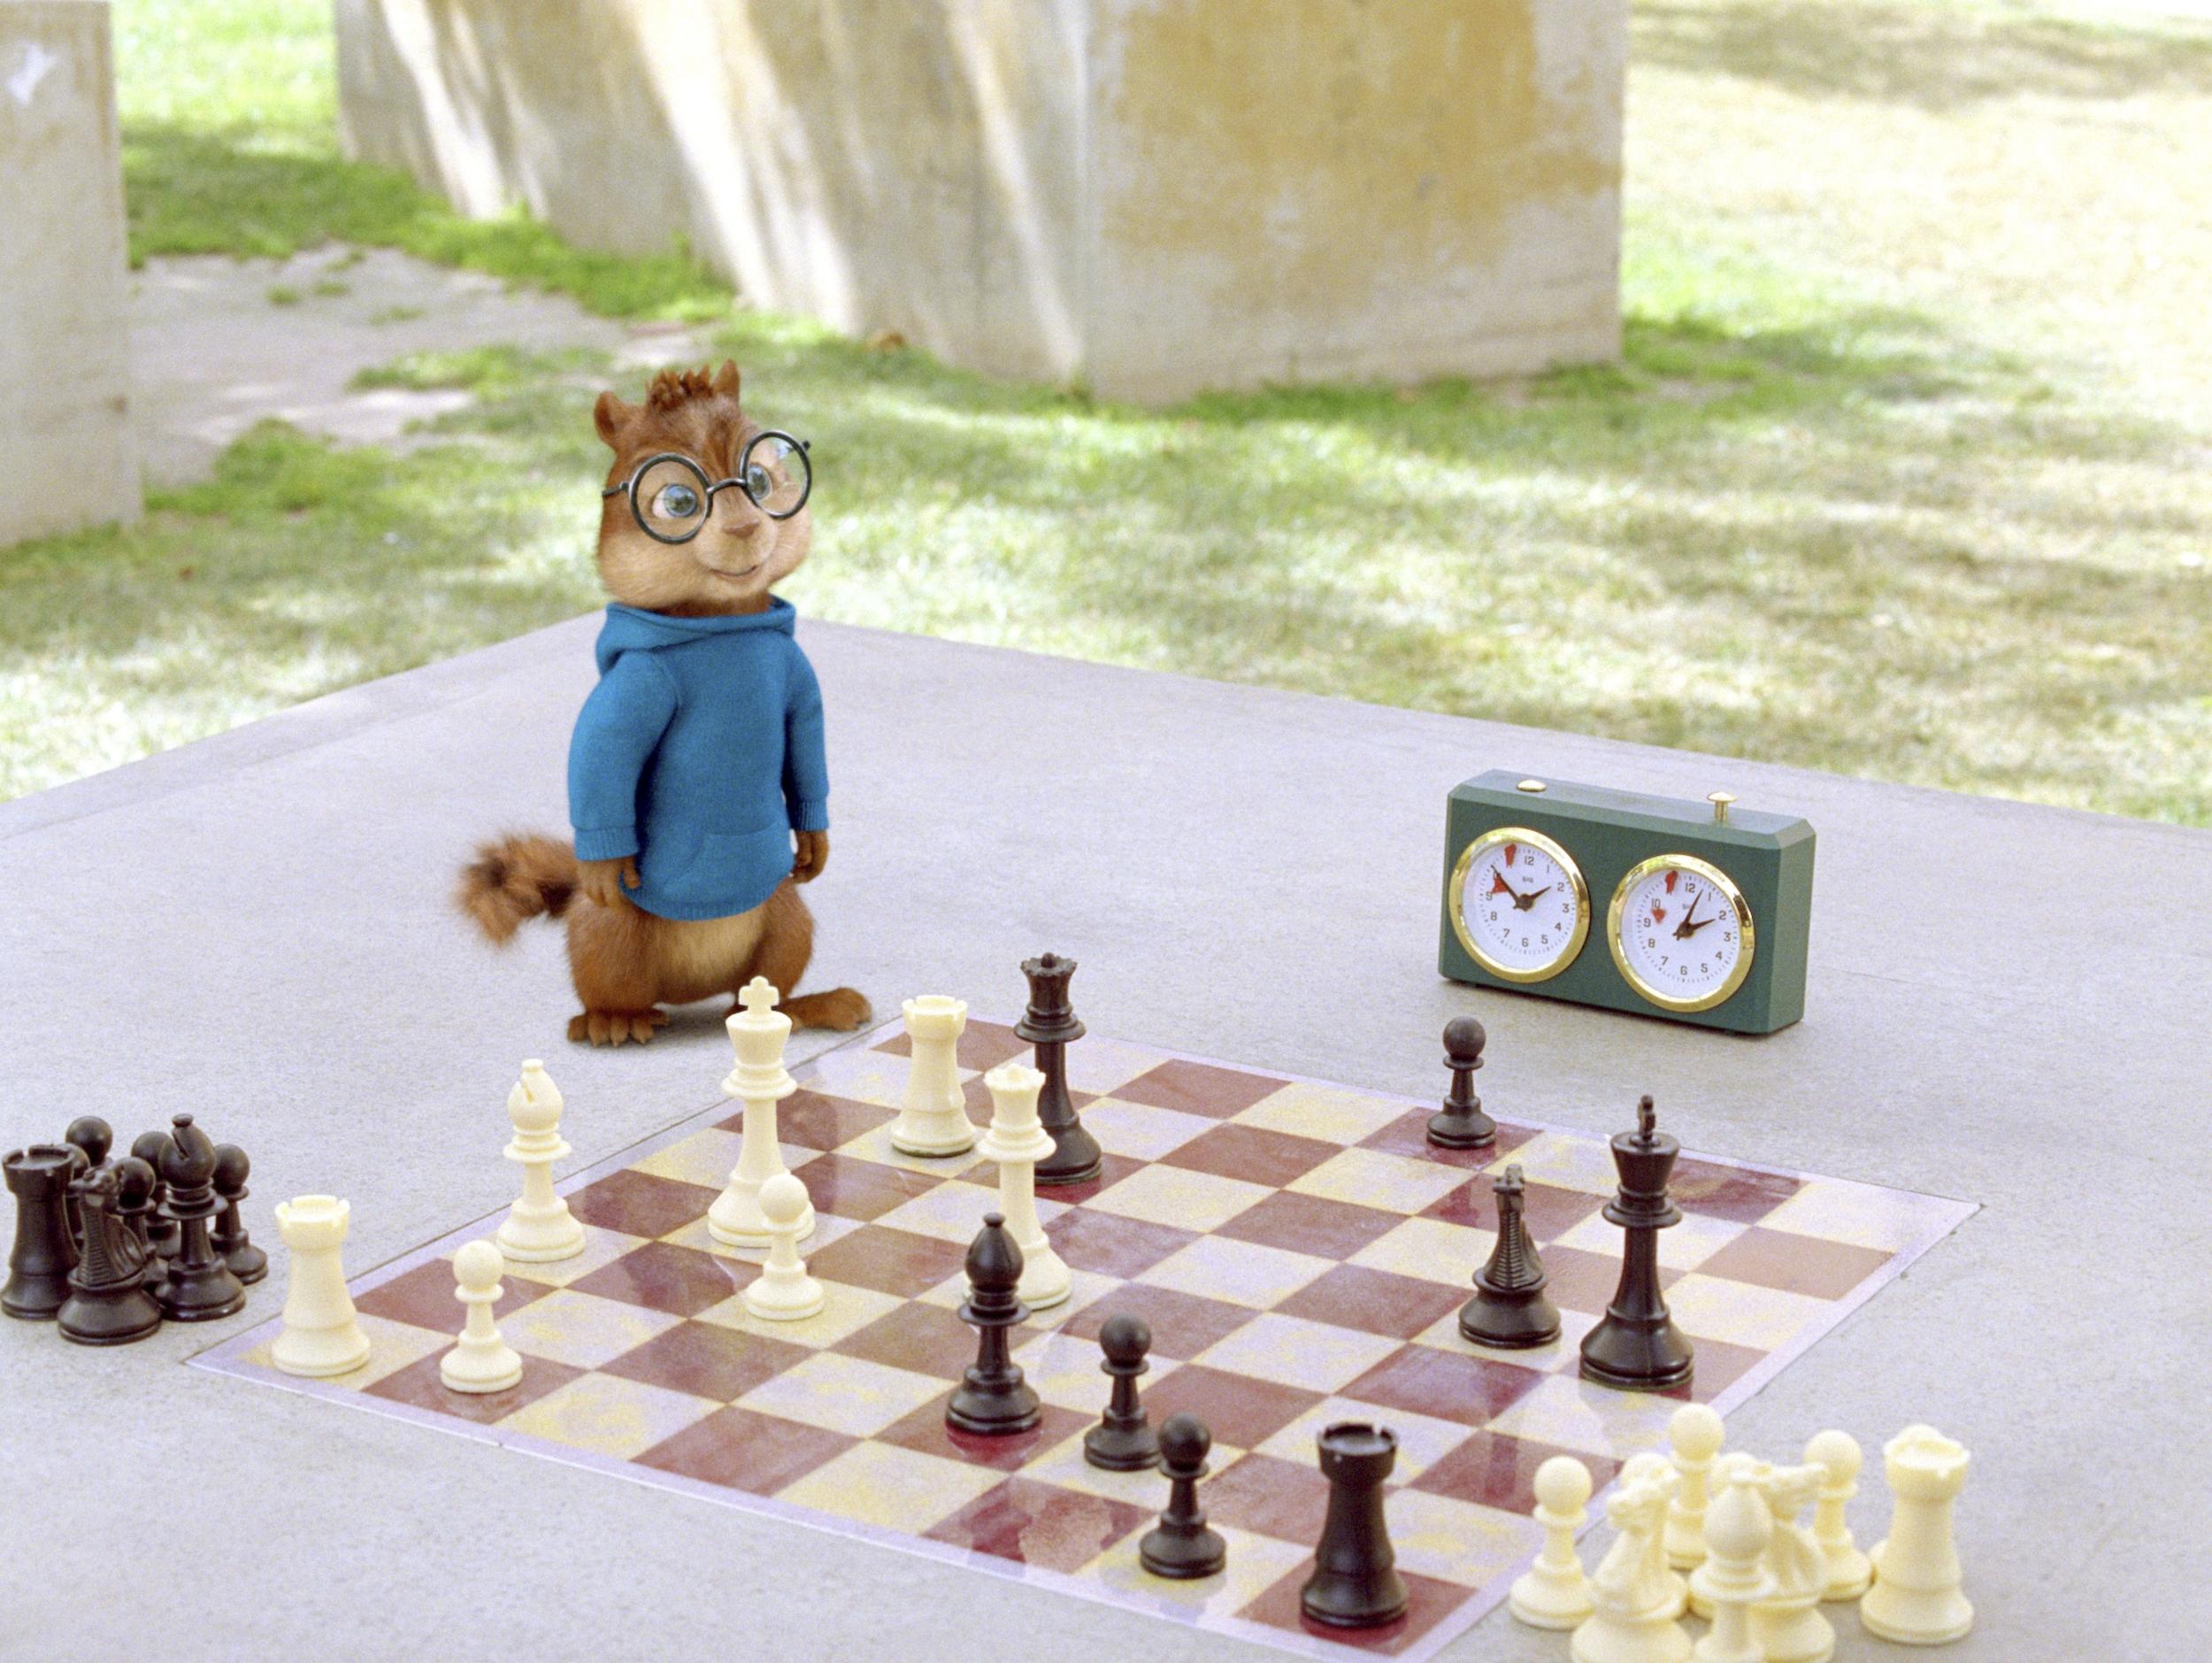 File:Simon Playing Chess.jpg